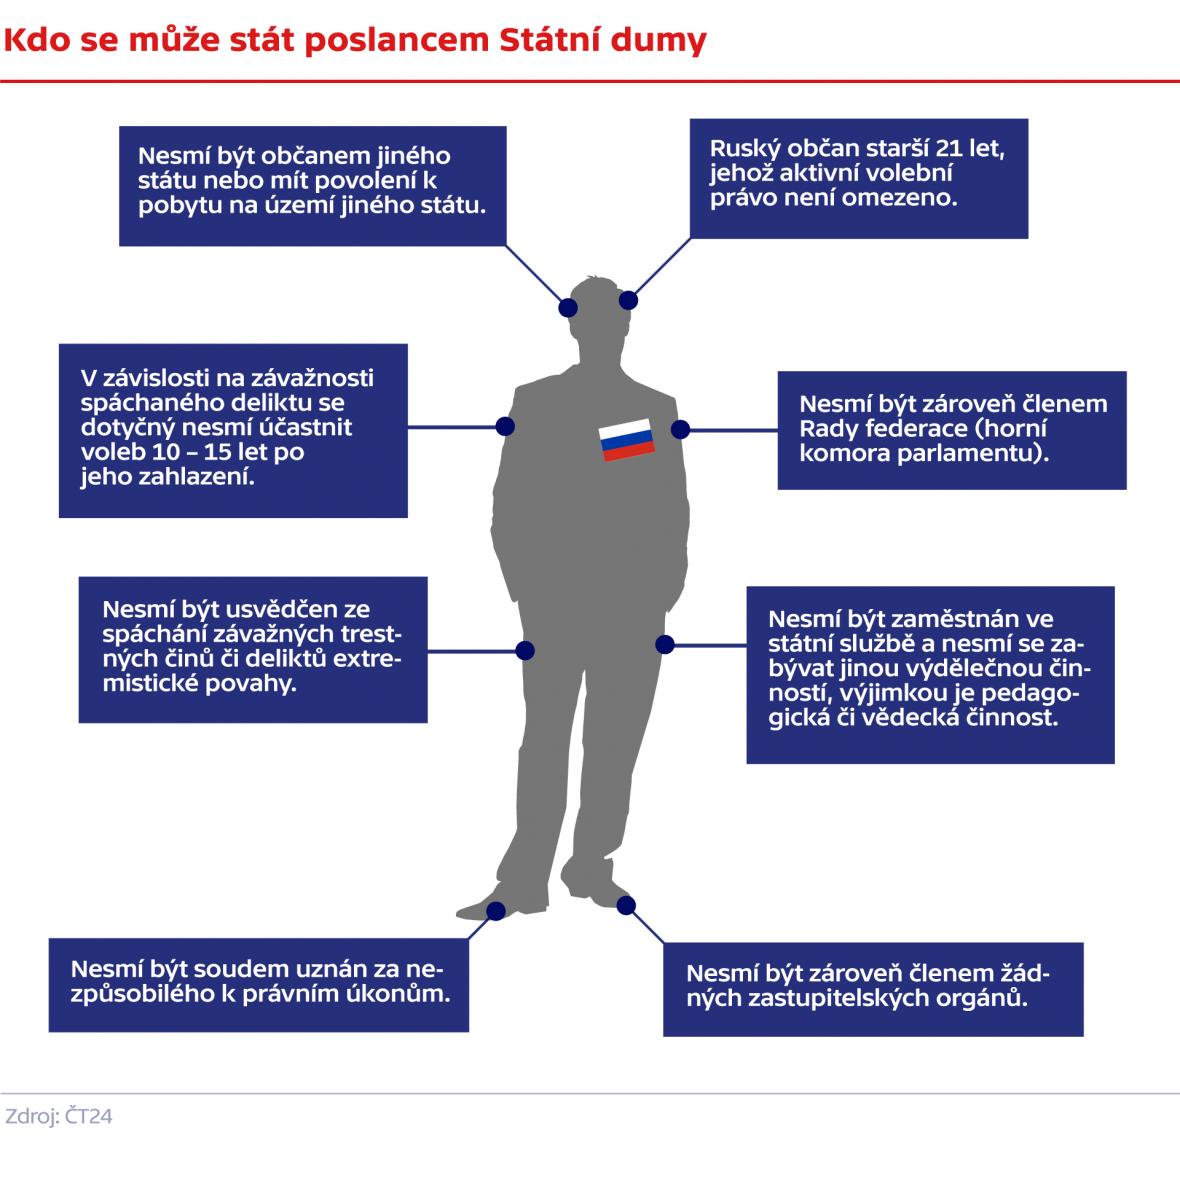 Kdo se může stát poslancem Státní dumy